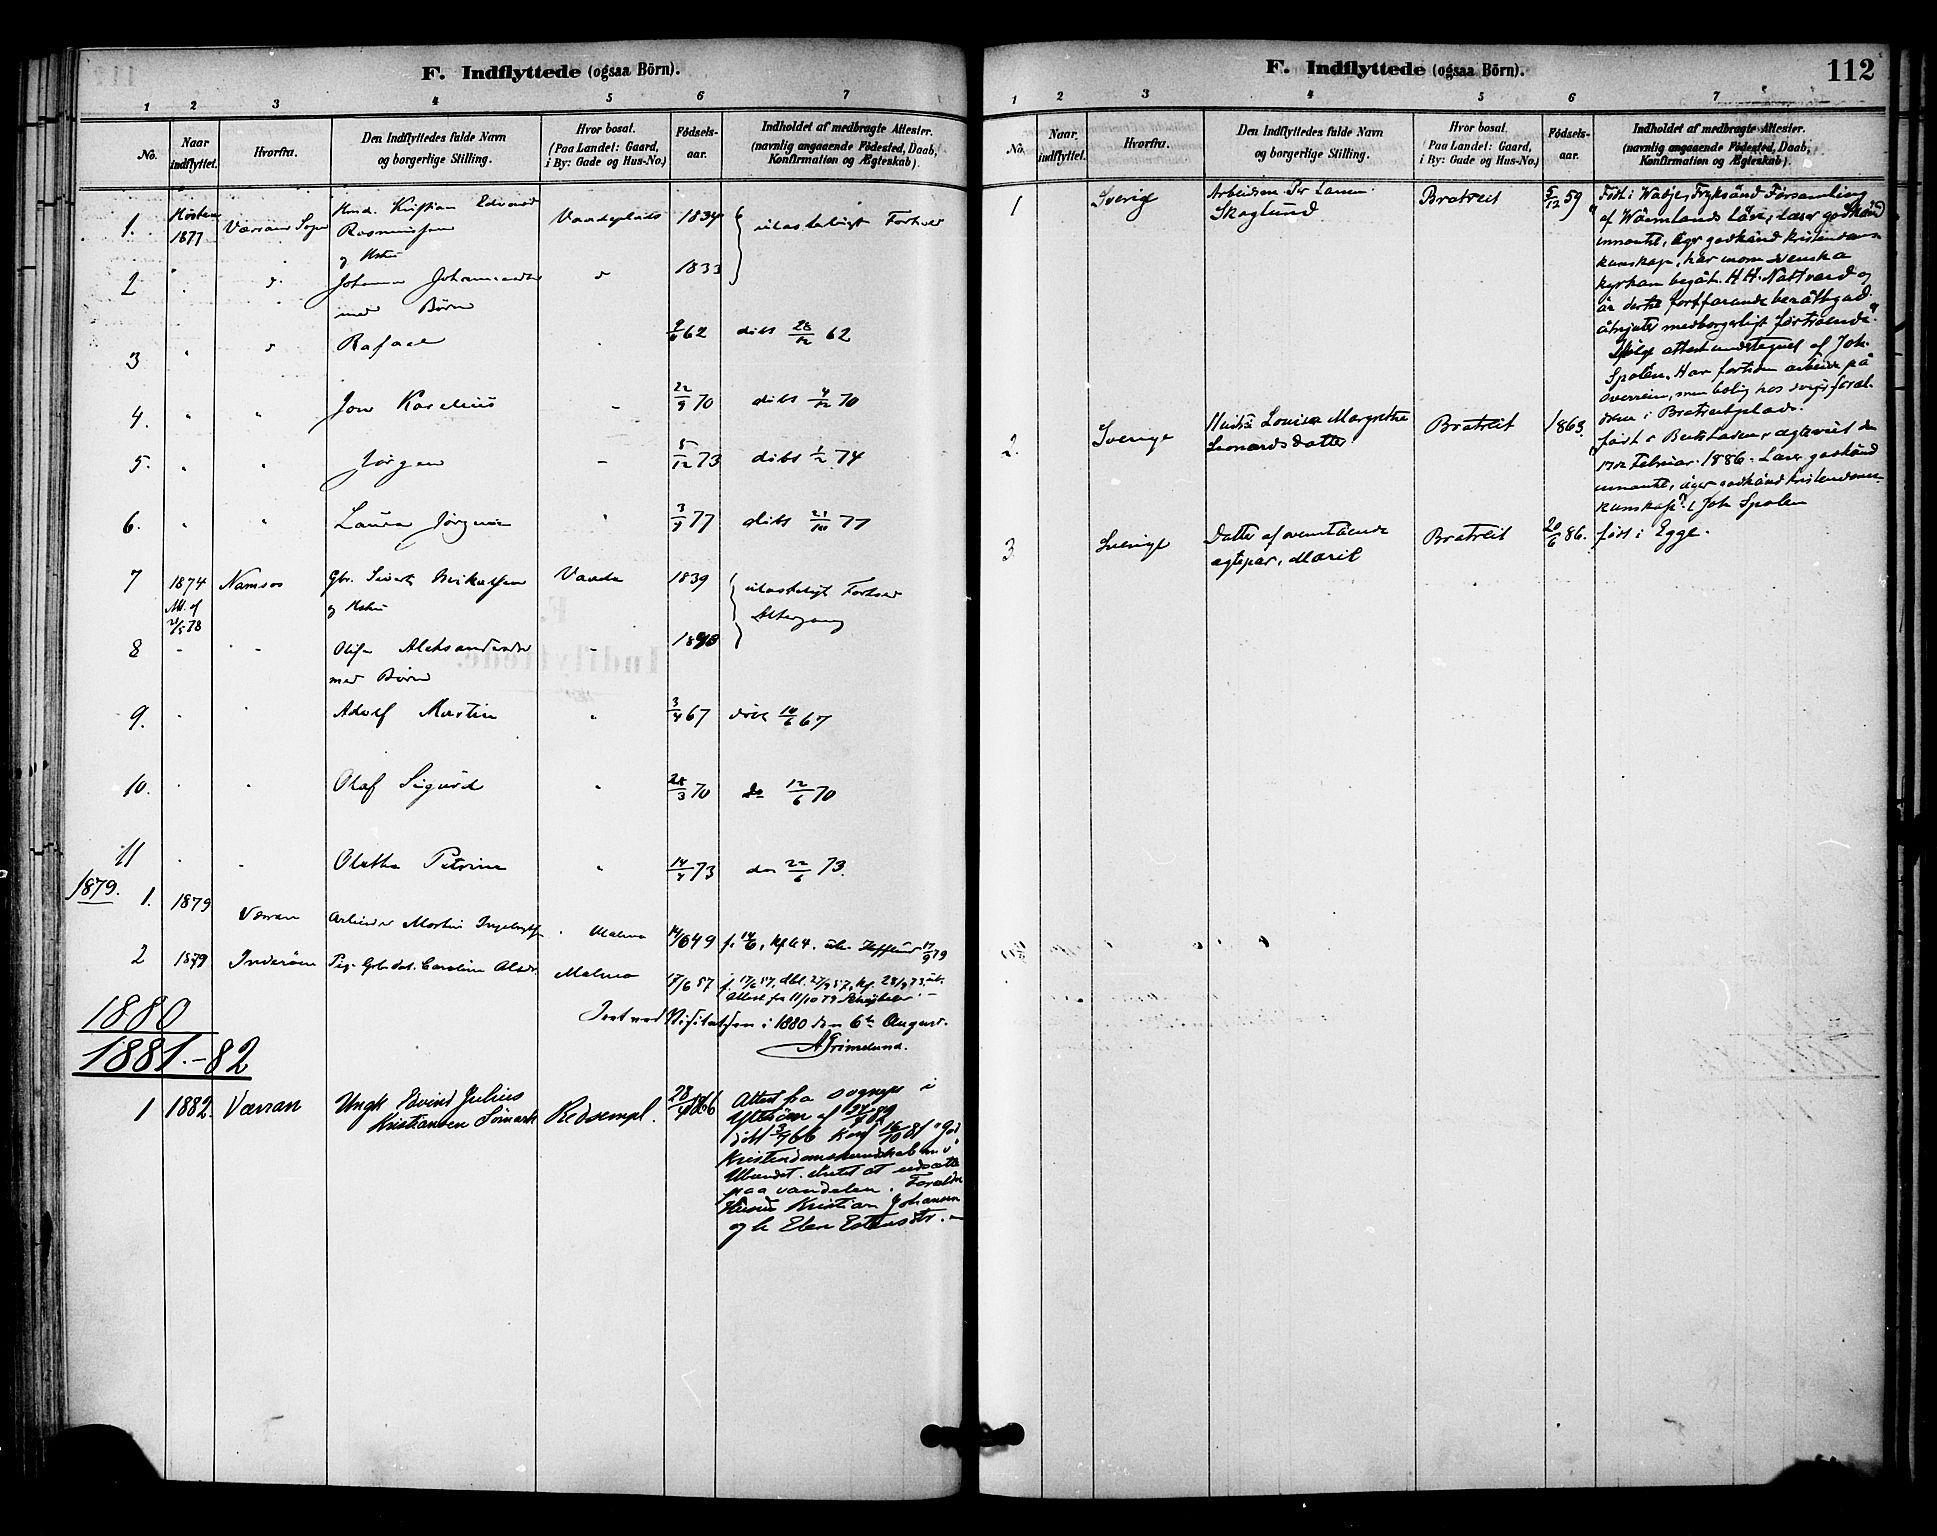 SAT, Ministerialprotokoller, klokkerbøker og fødselsregistre - Nord-Trøndelag, 745/L0429: Ministerialbok nr. 745A01, 1878-1894, s. 112